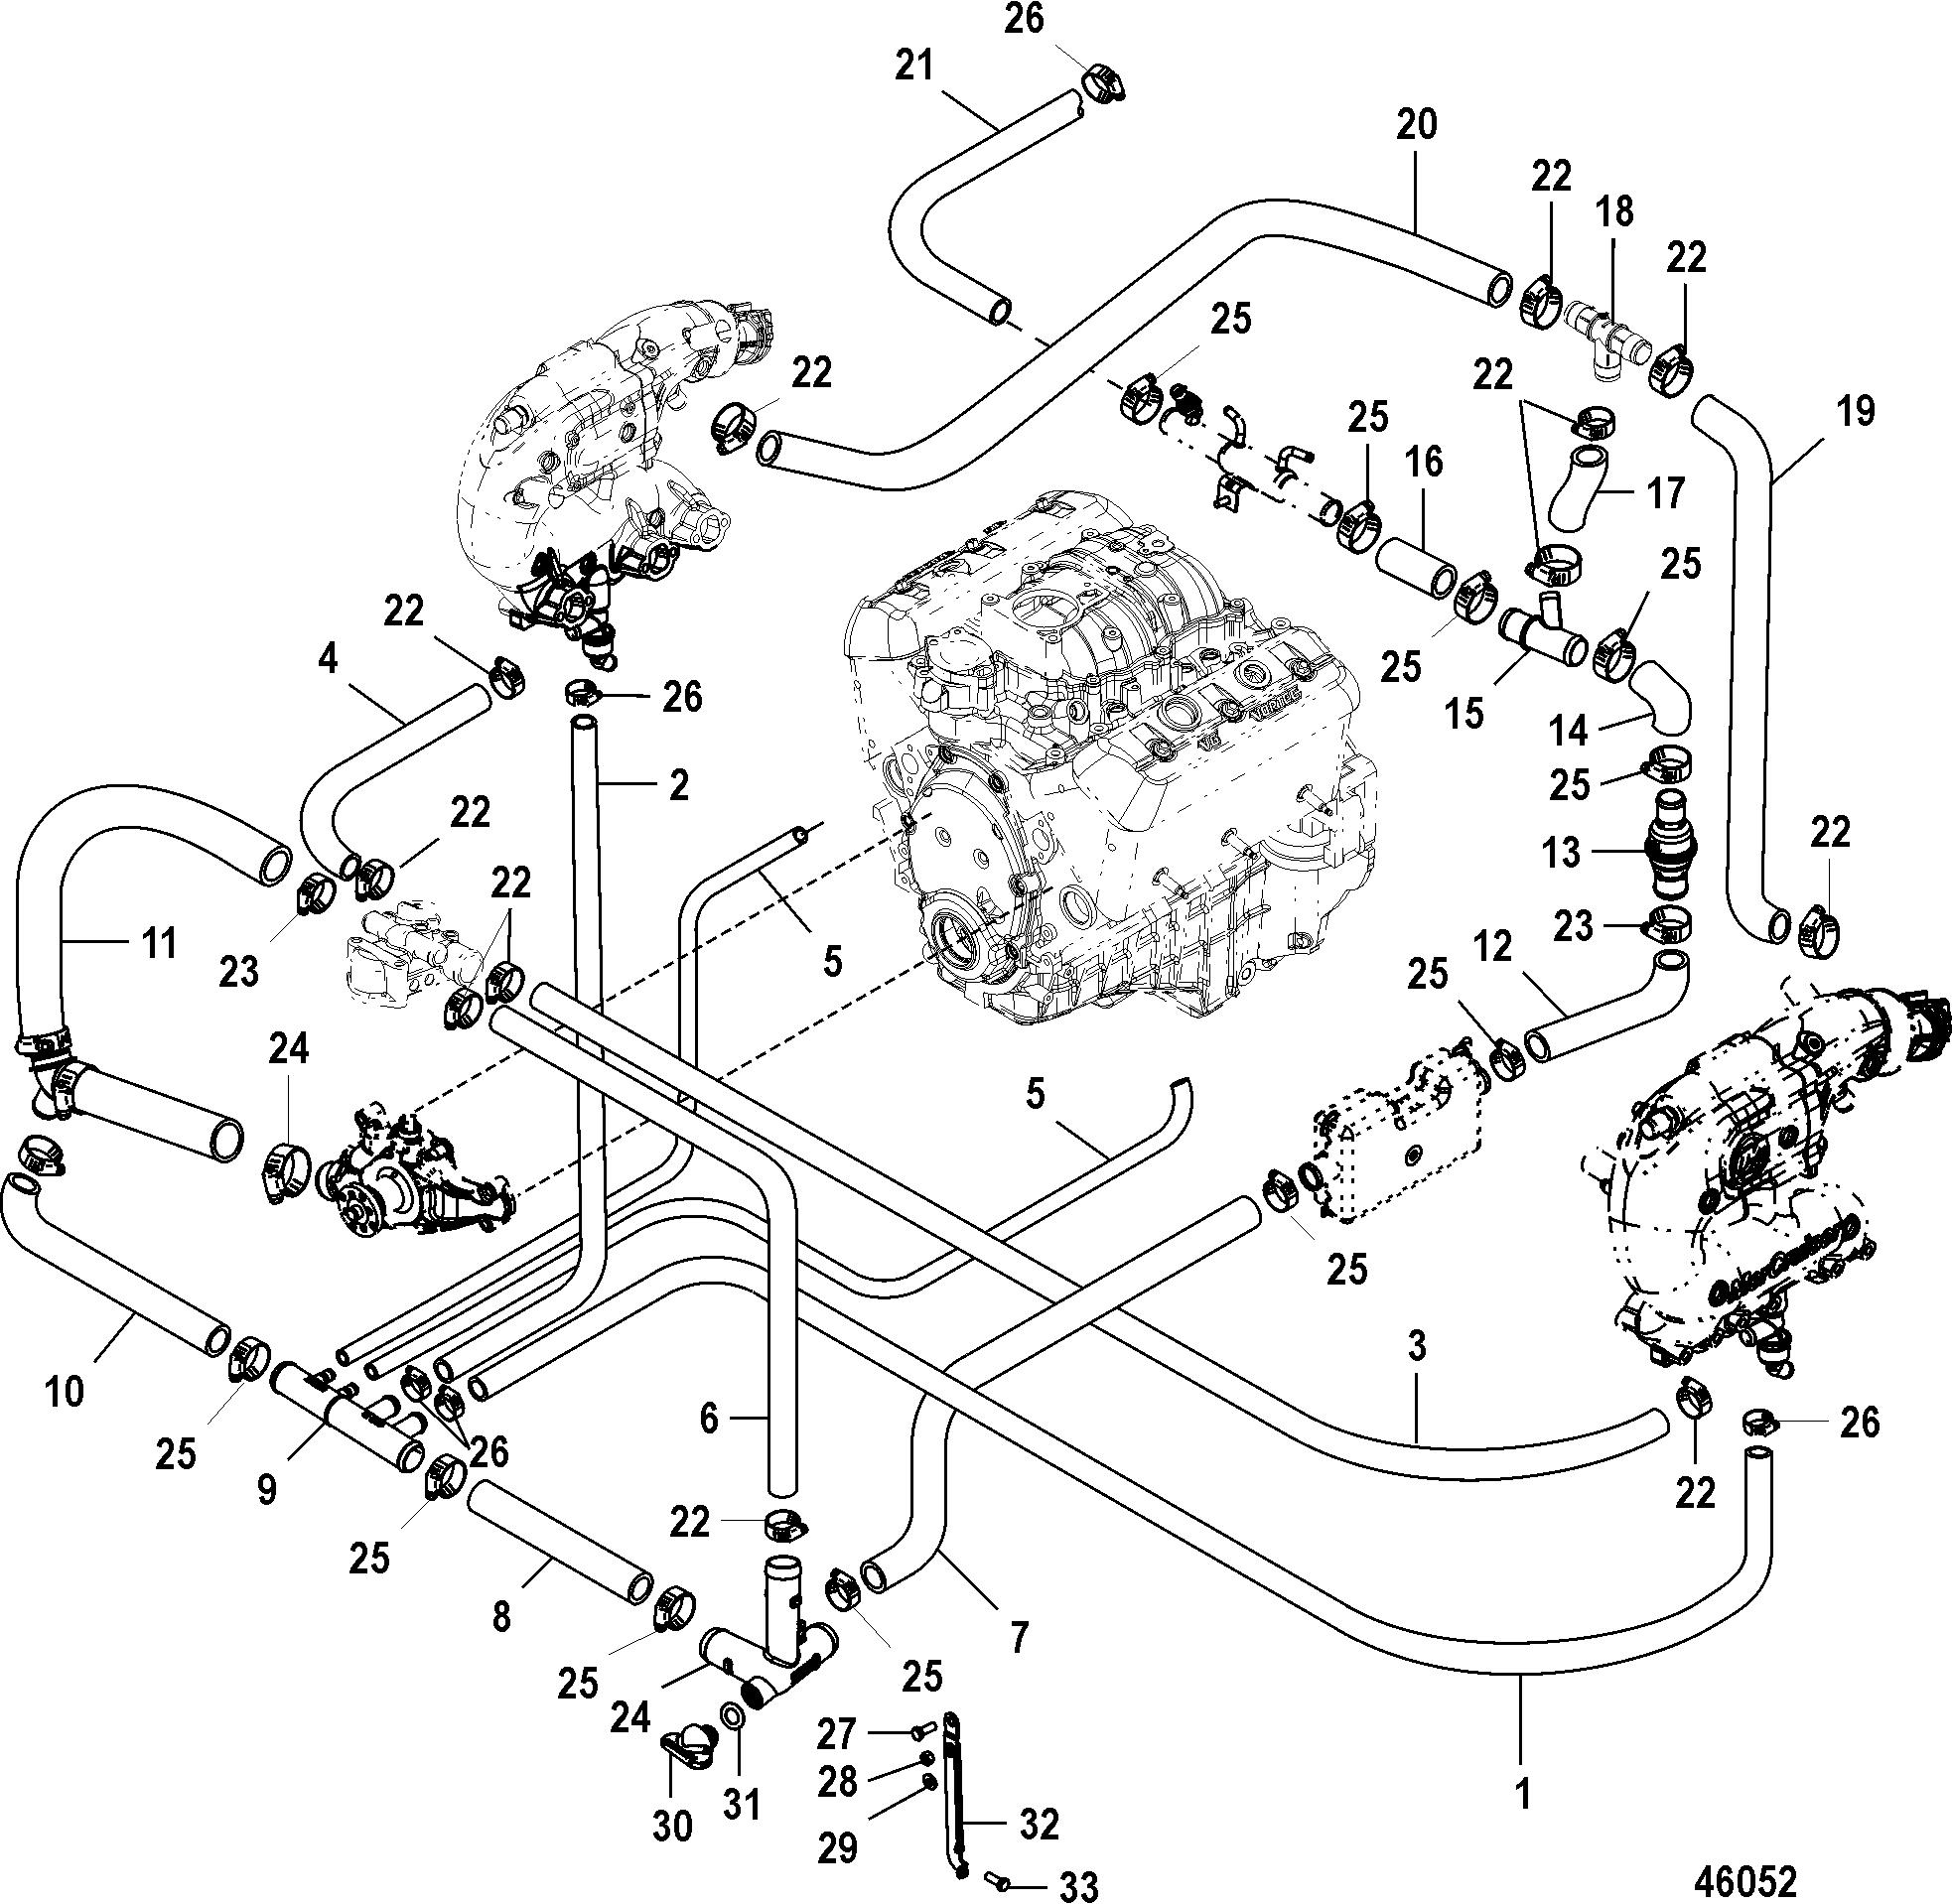 mercruiser wiring diagram 3.0